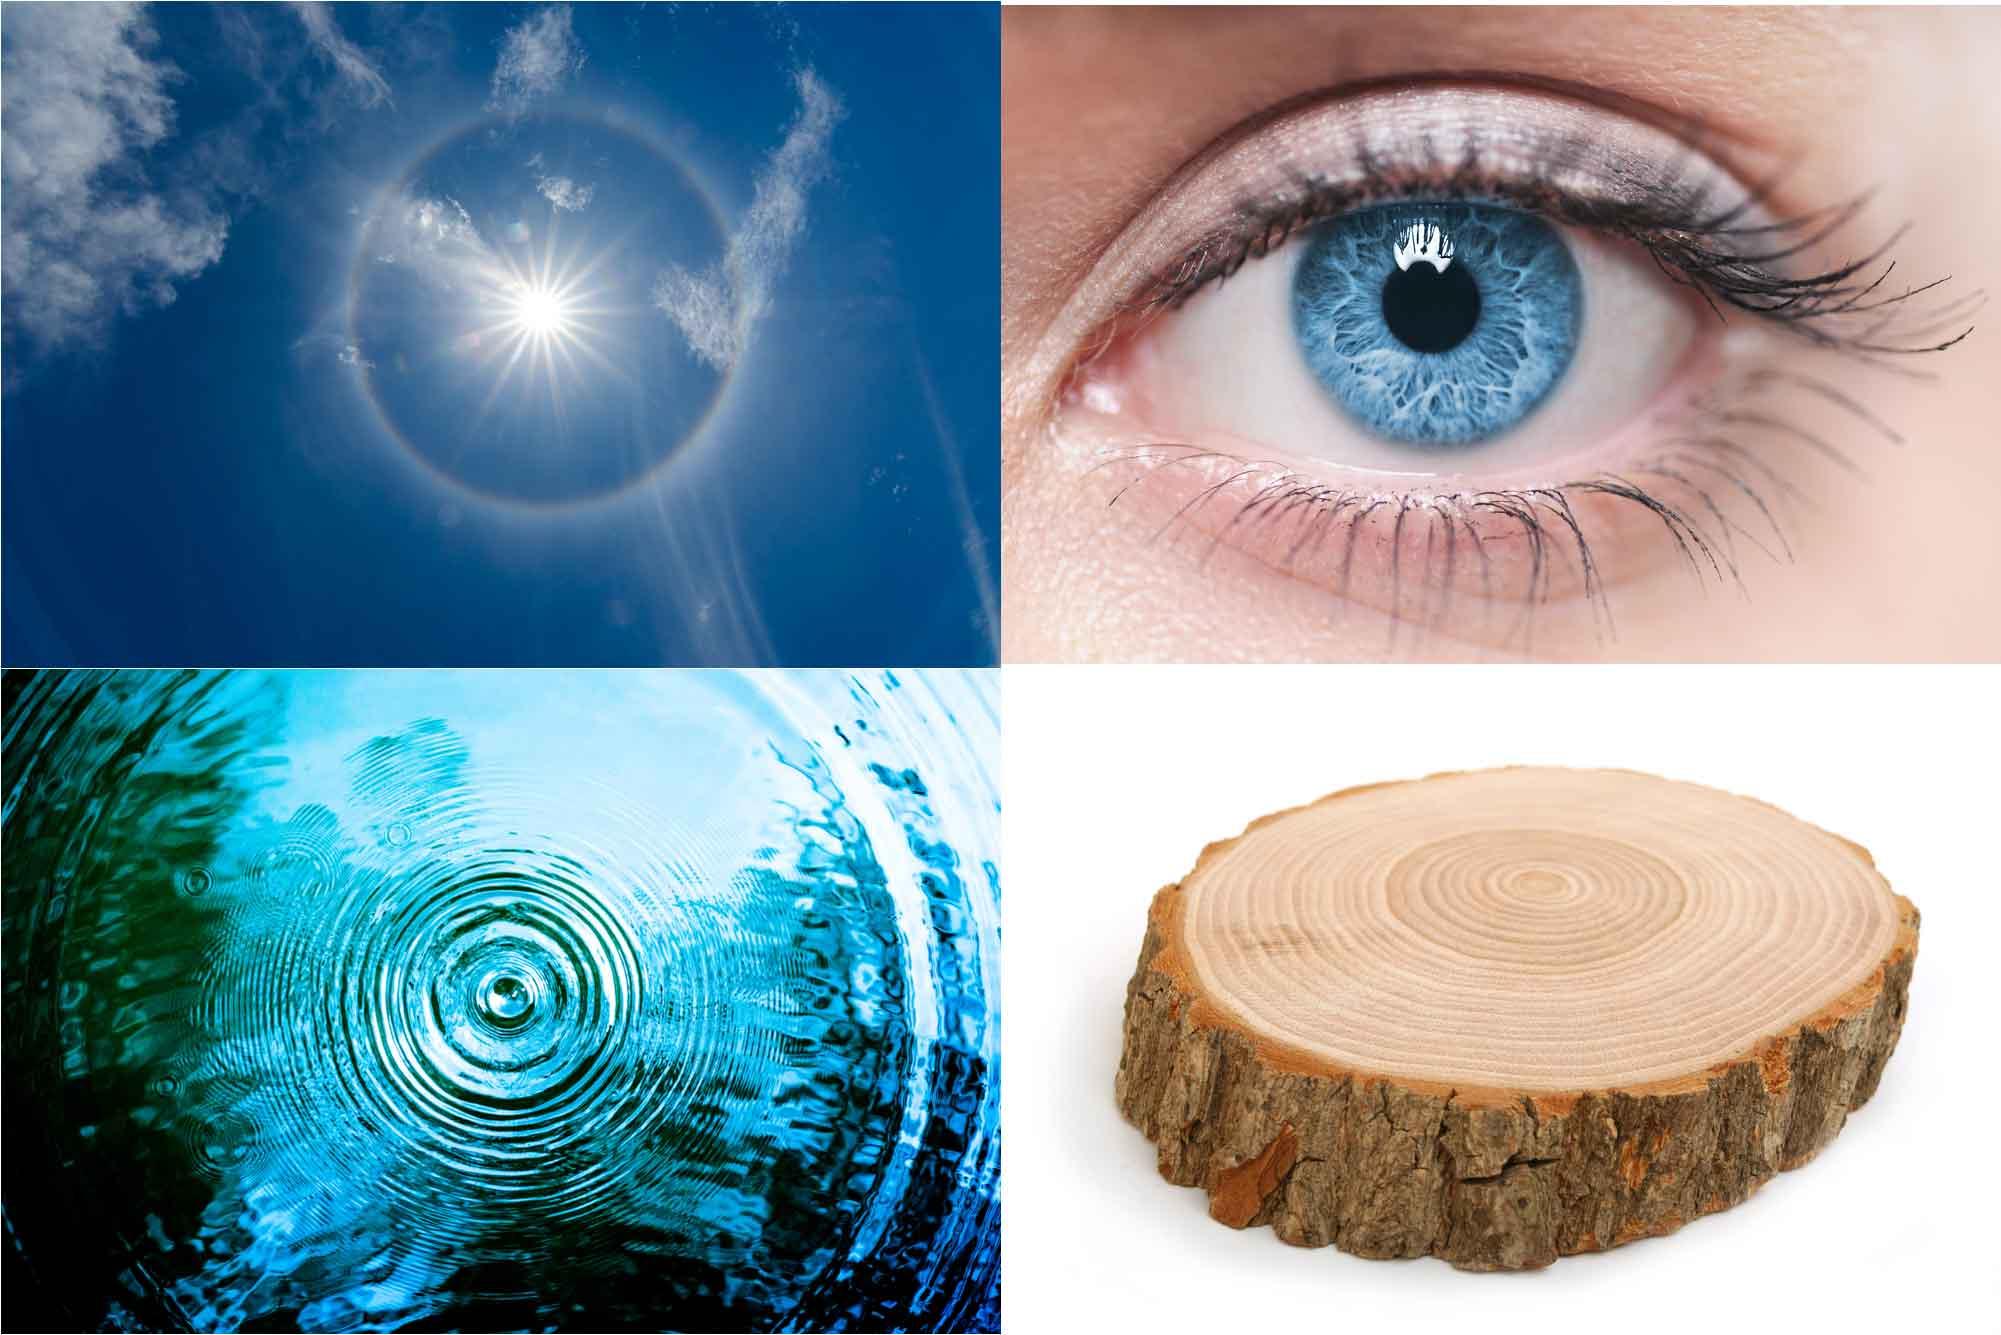 В живой и неживой природе круги и окружности